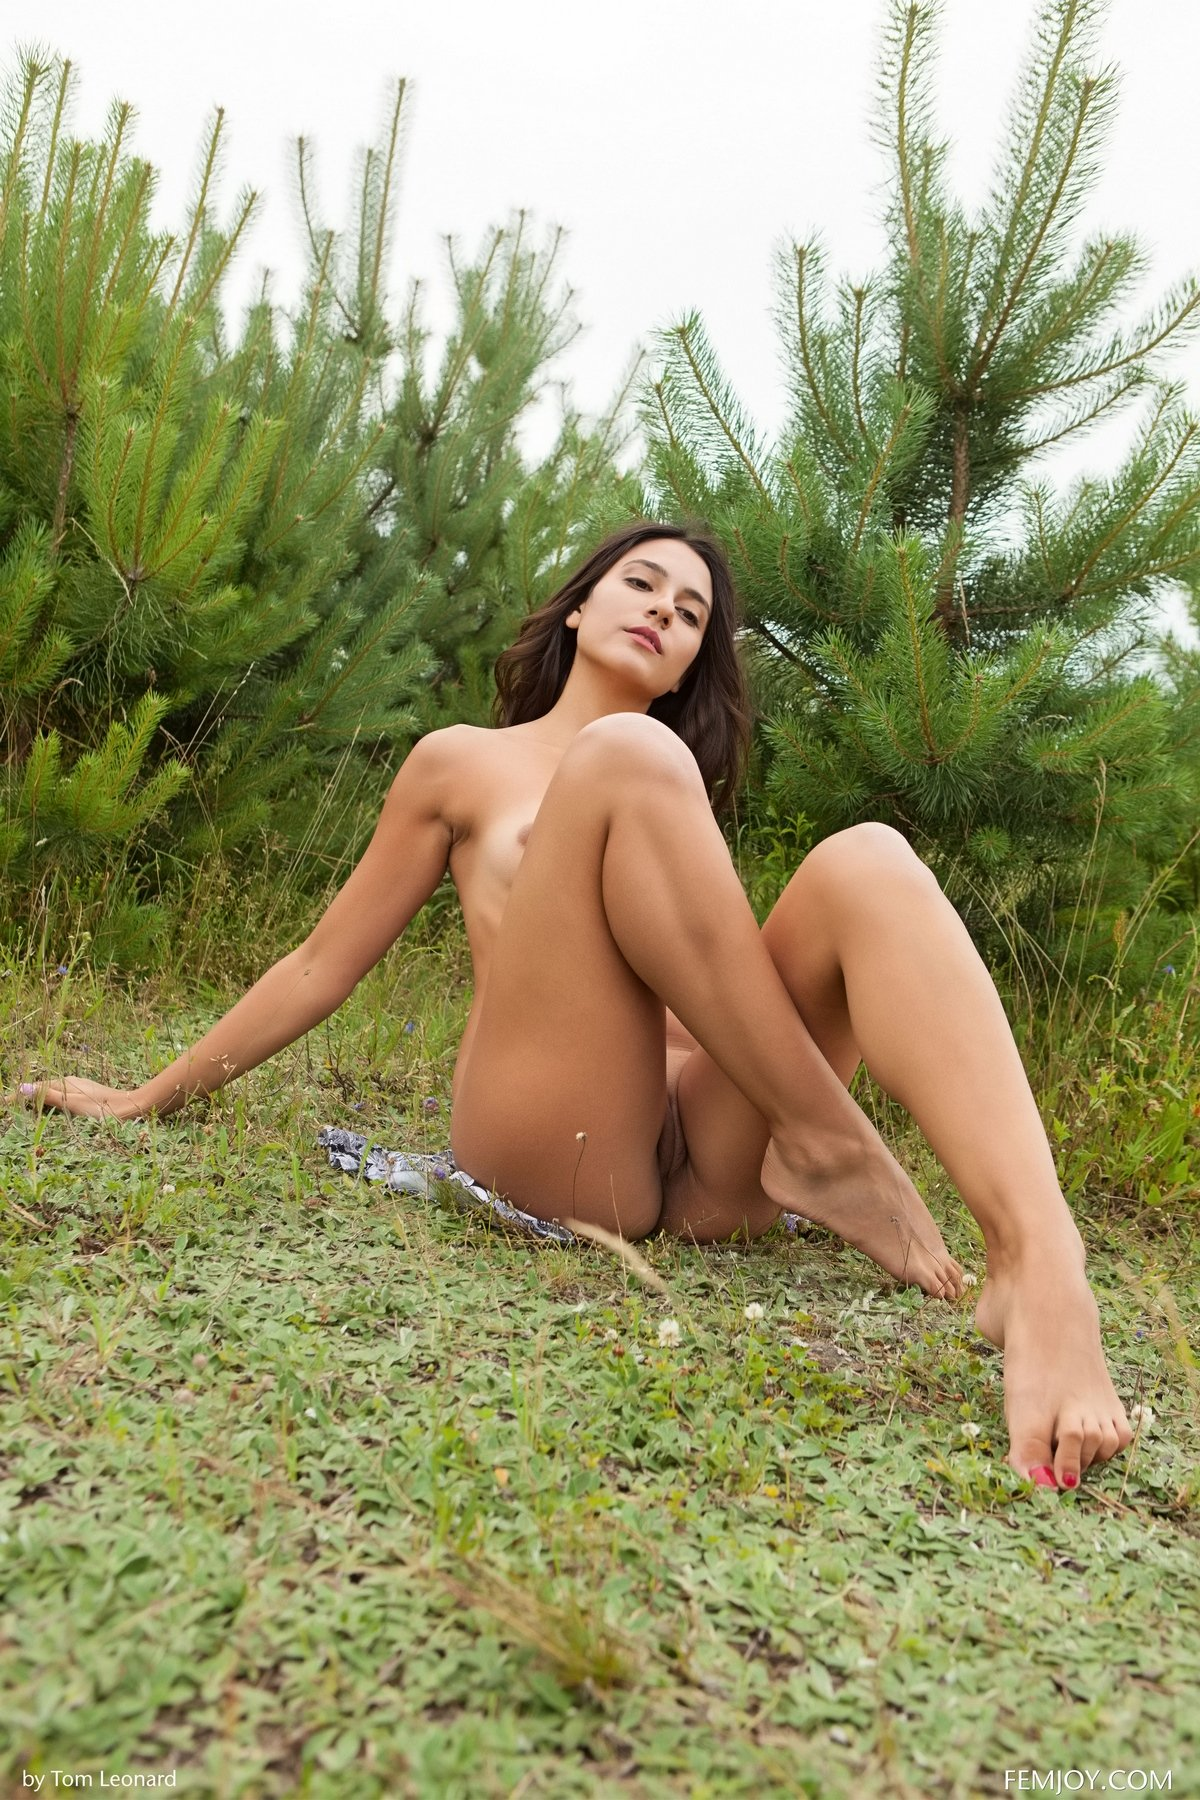 Фото интим голой брюнетки под елкой